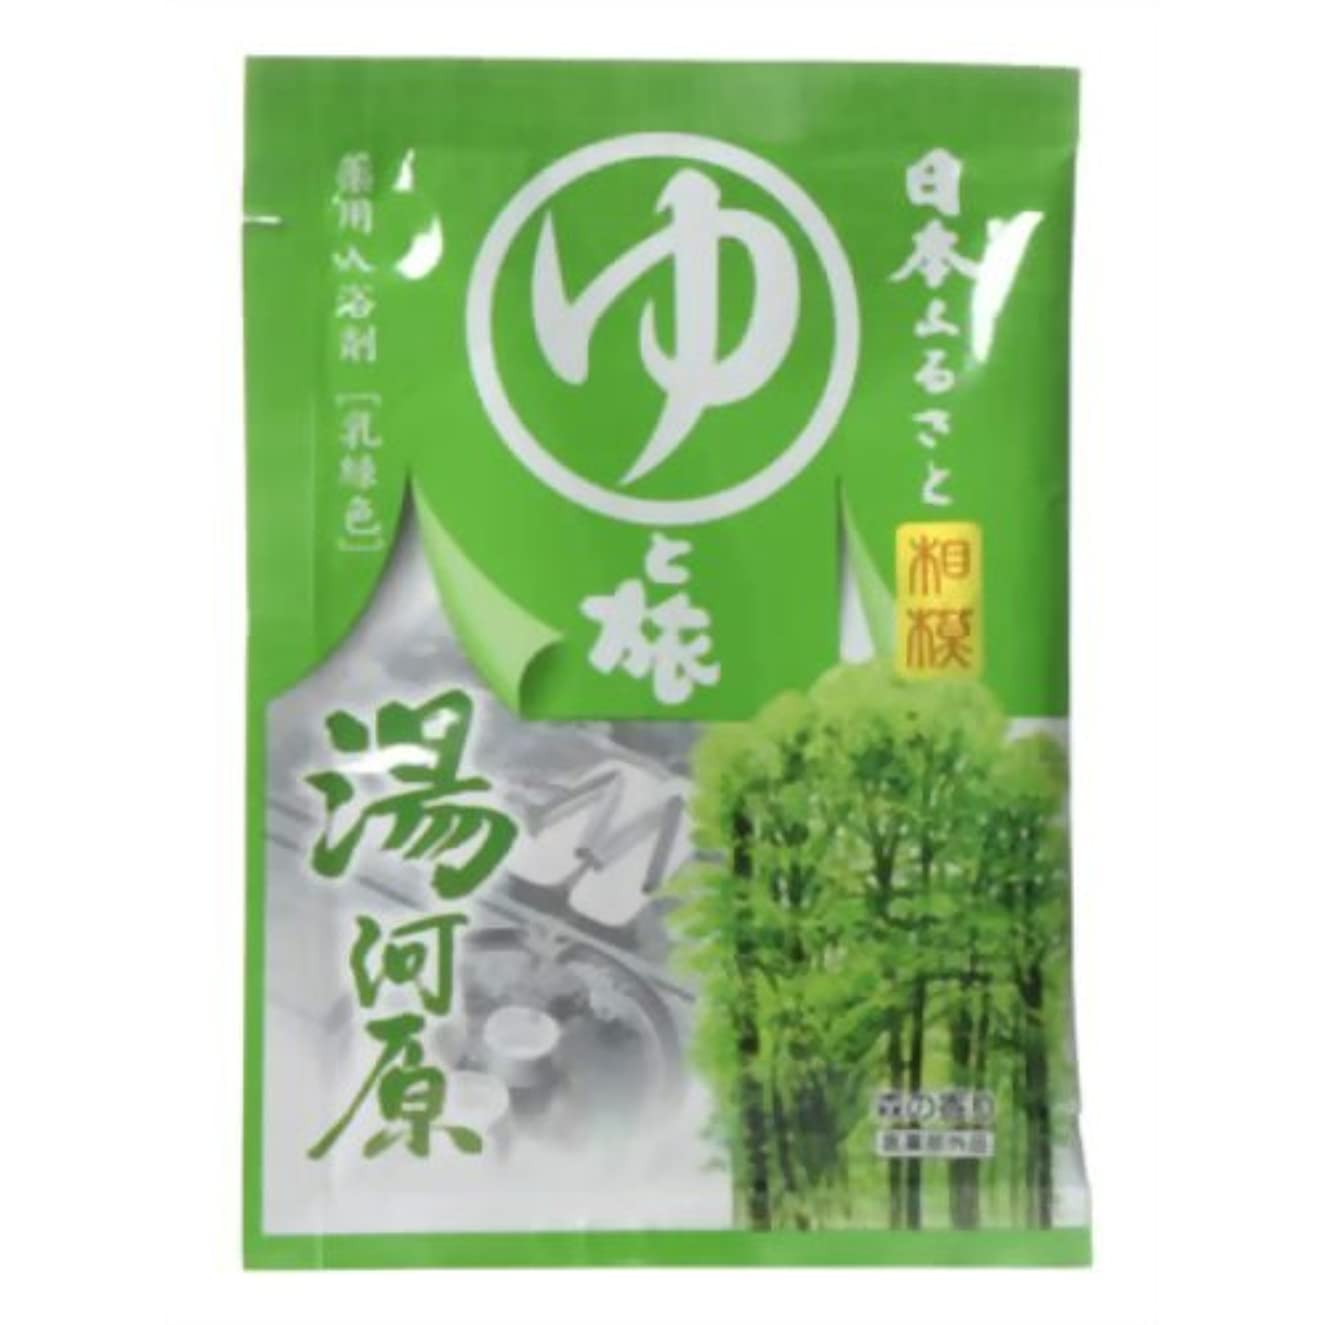 満了大佐安定したヤマサキの入浴剤シリーズ 湯河原(入浴剤)